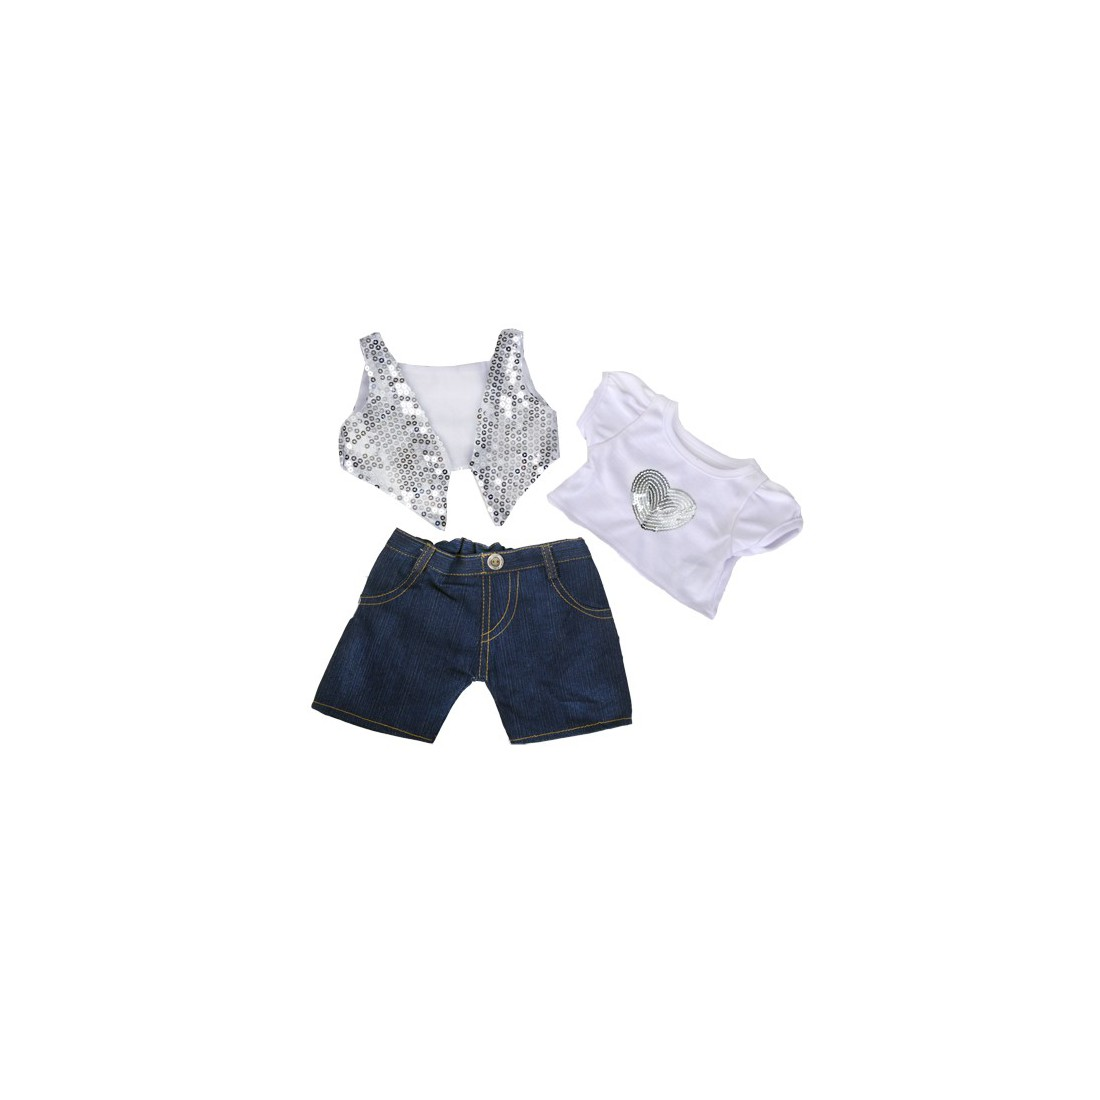 Tenue de soirée argentée  40 cm - La tenue idéale pour les peluches personnalisées ! Transformez votre